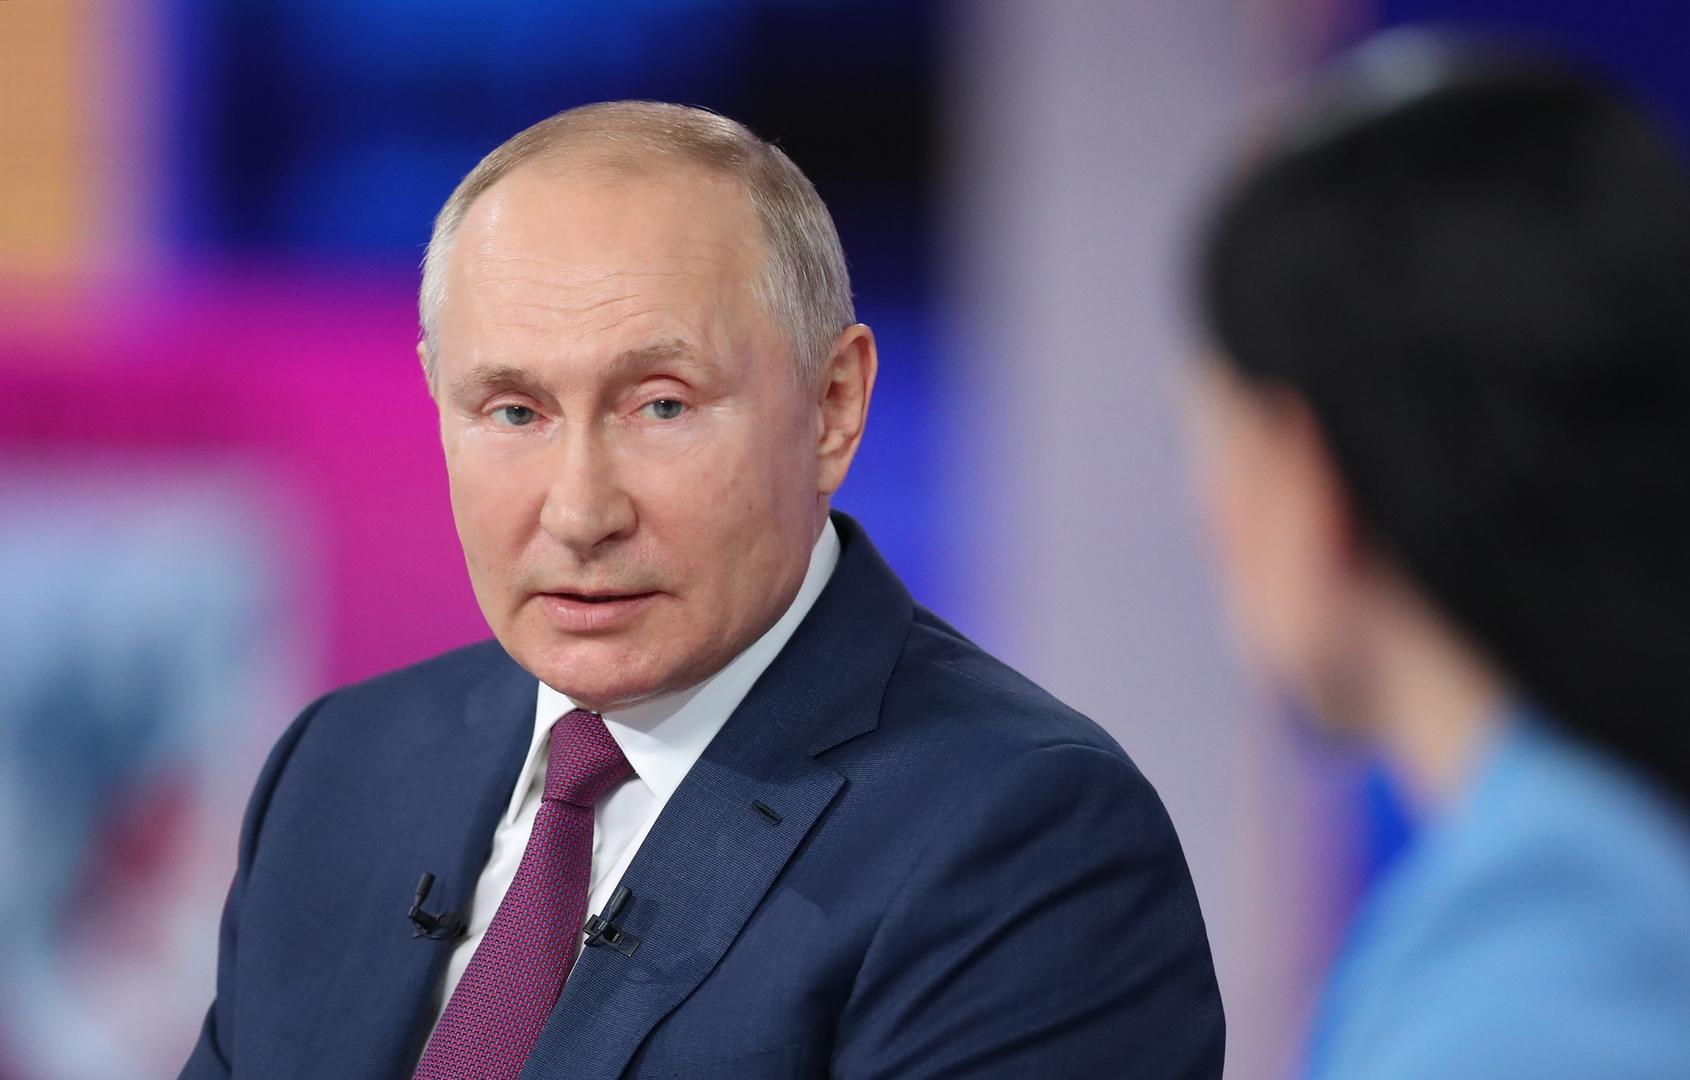 بوتين: يلتسين لم يسلم لي مقاليد الحكم ومسؤوليتيإعطاء توصيات لمرشحين مستقبليين لرئاسة روسيا